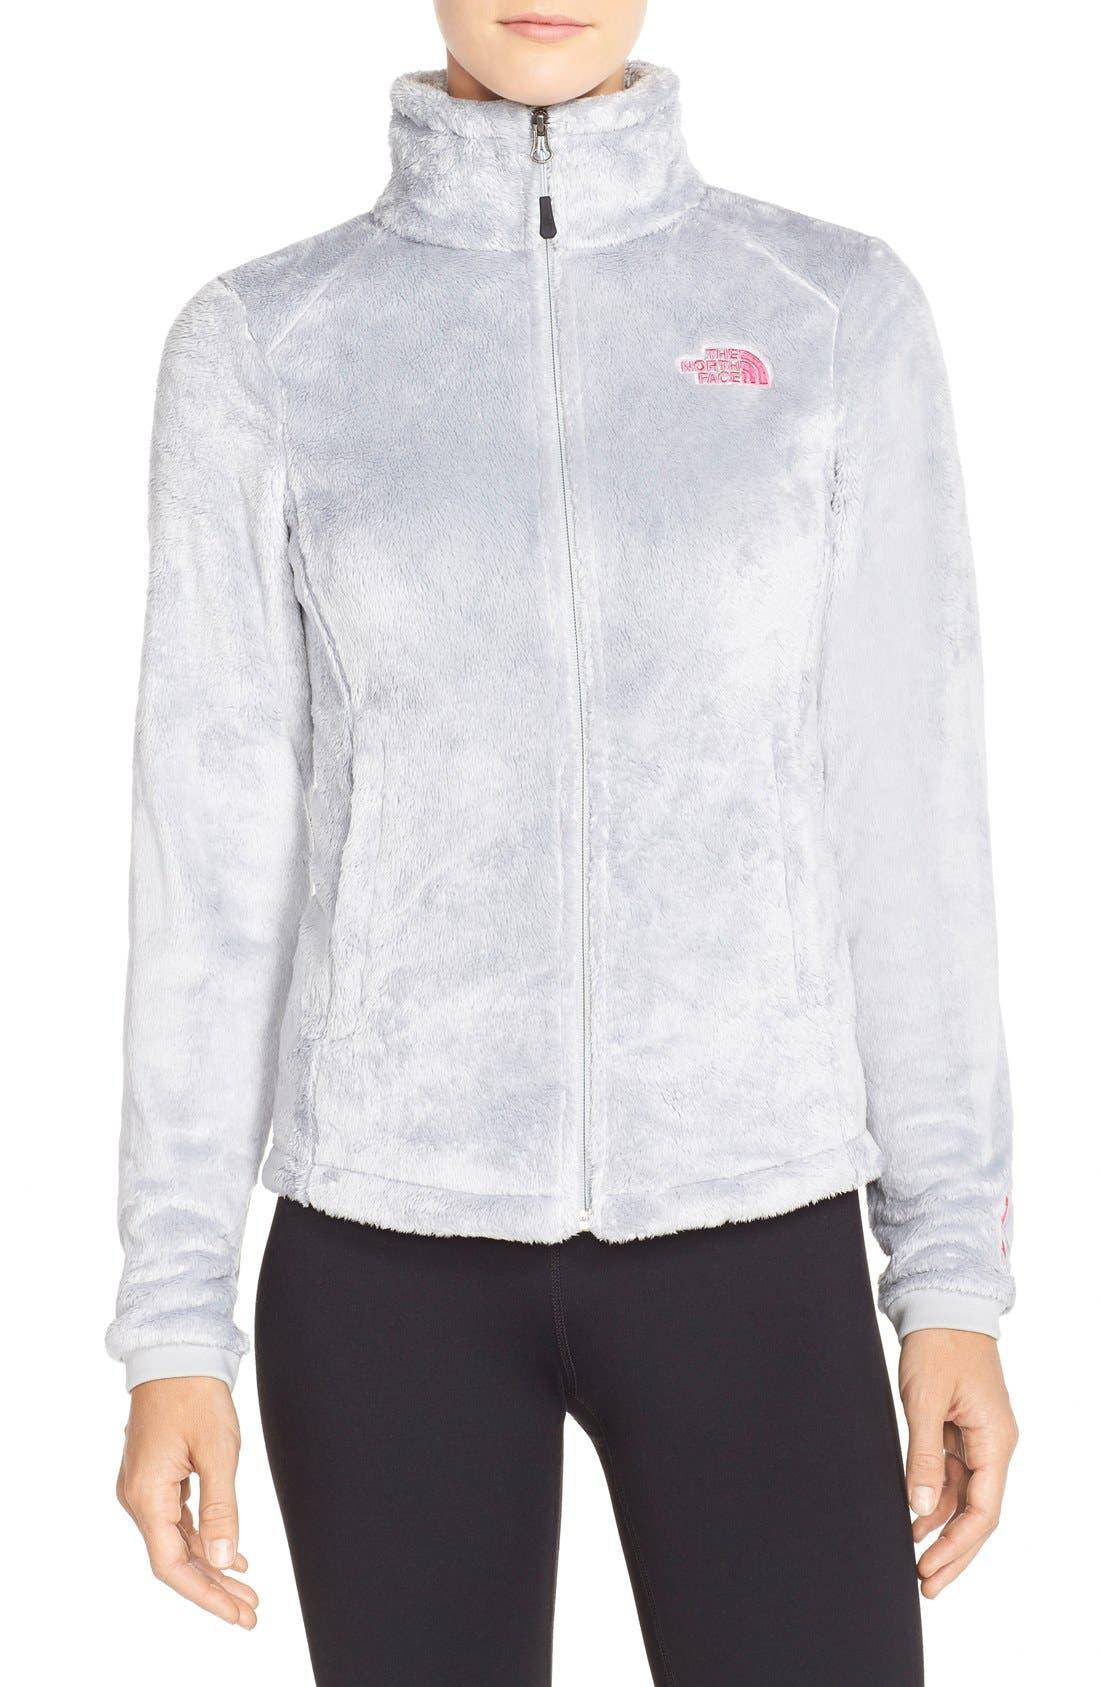 THE NORTH FACE, 'Osito 2 - Pink Ribbon' Fleece Jacket, Main thumbnail 1, color, 030